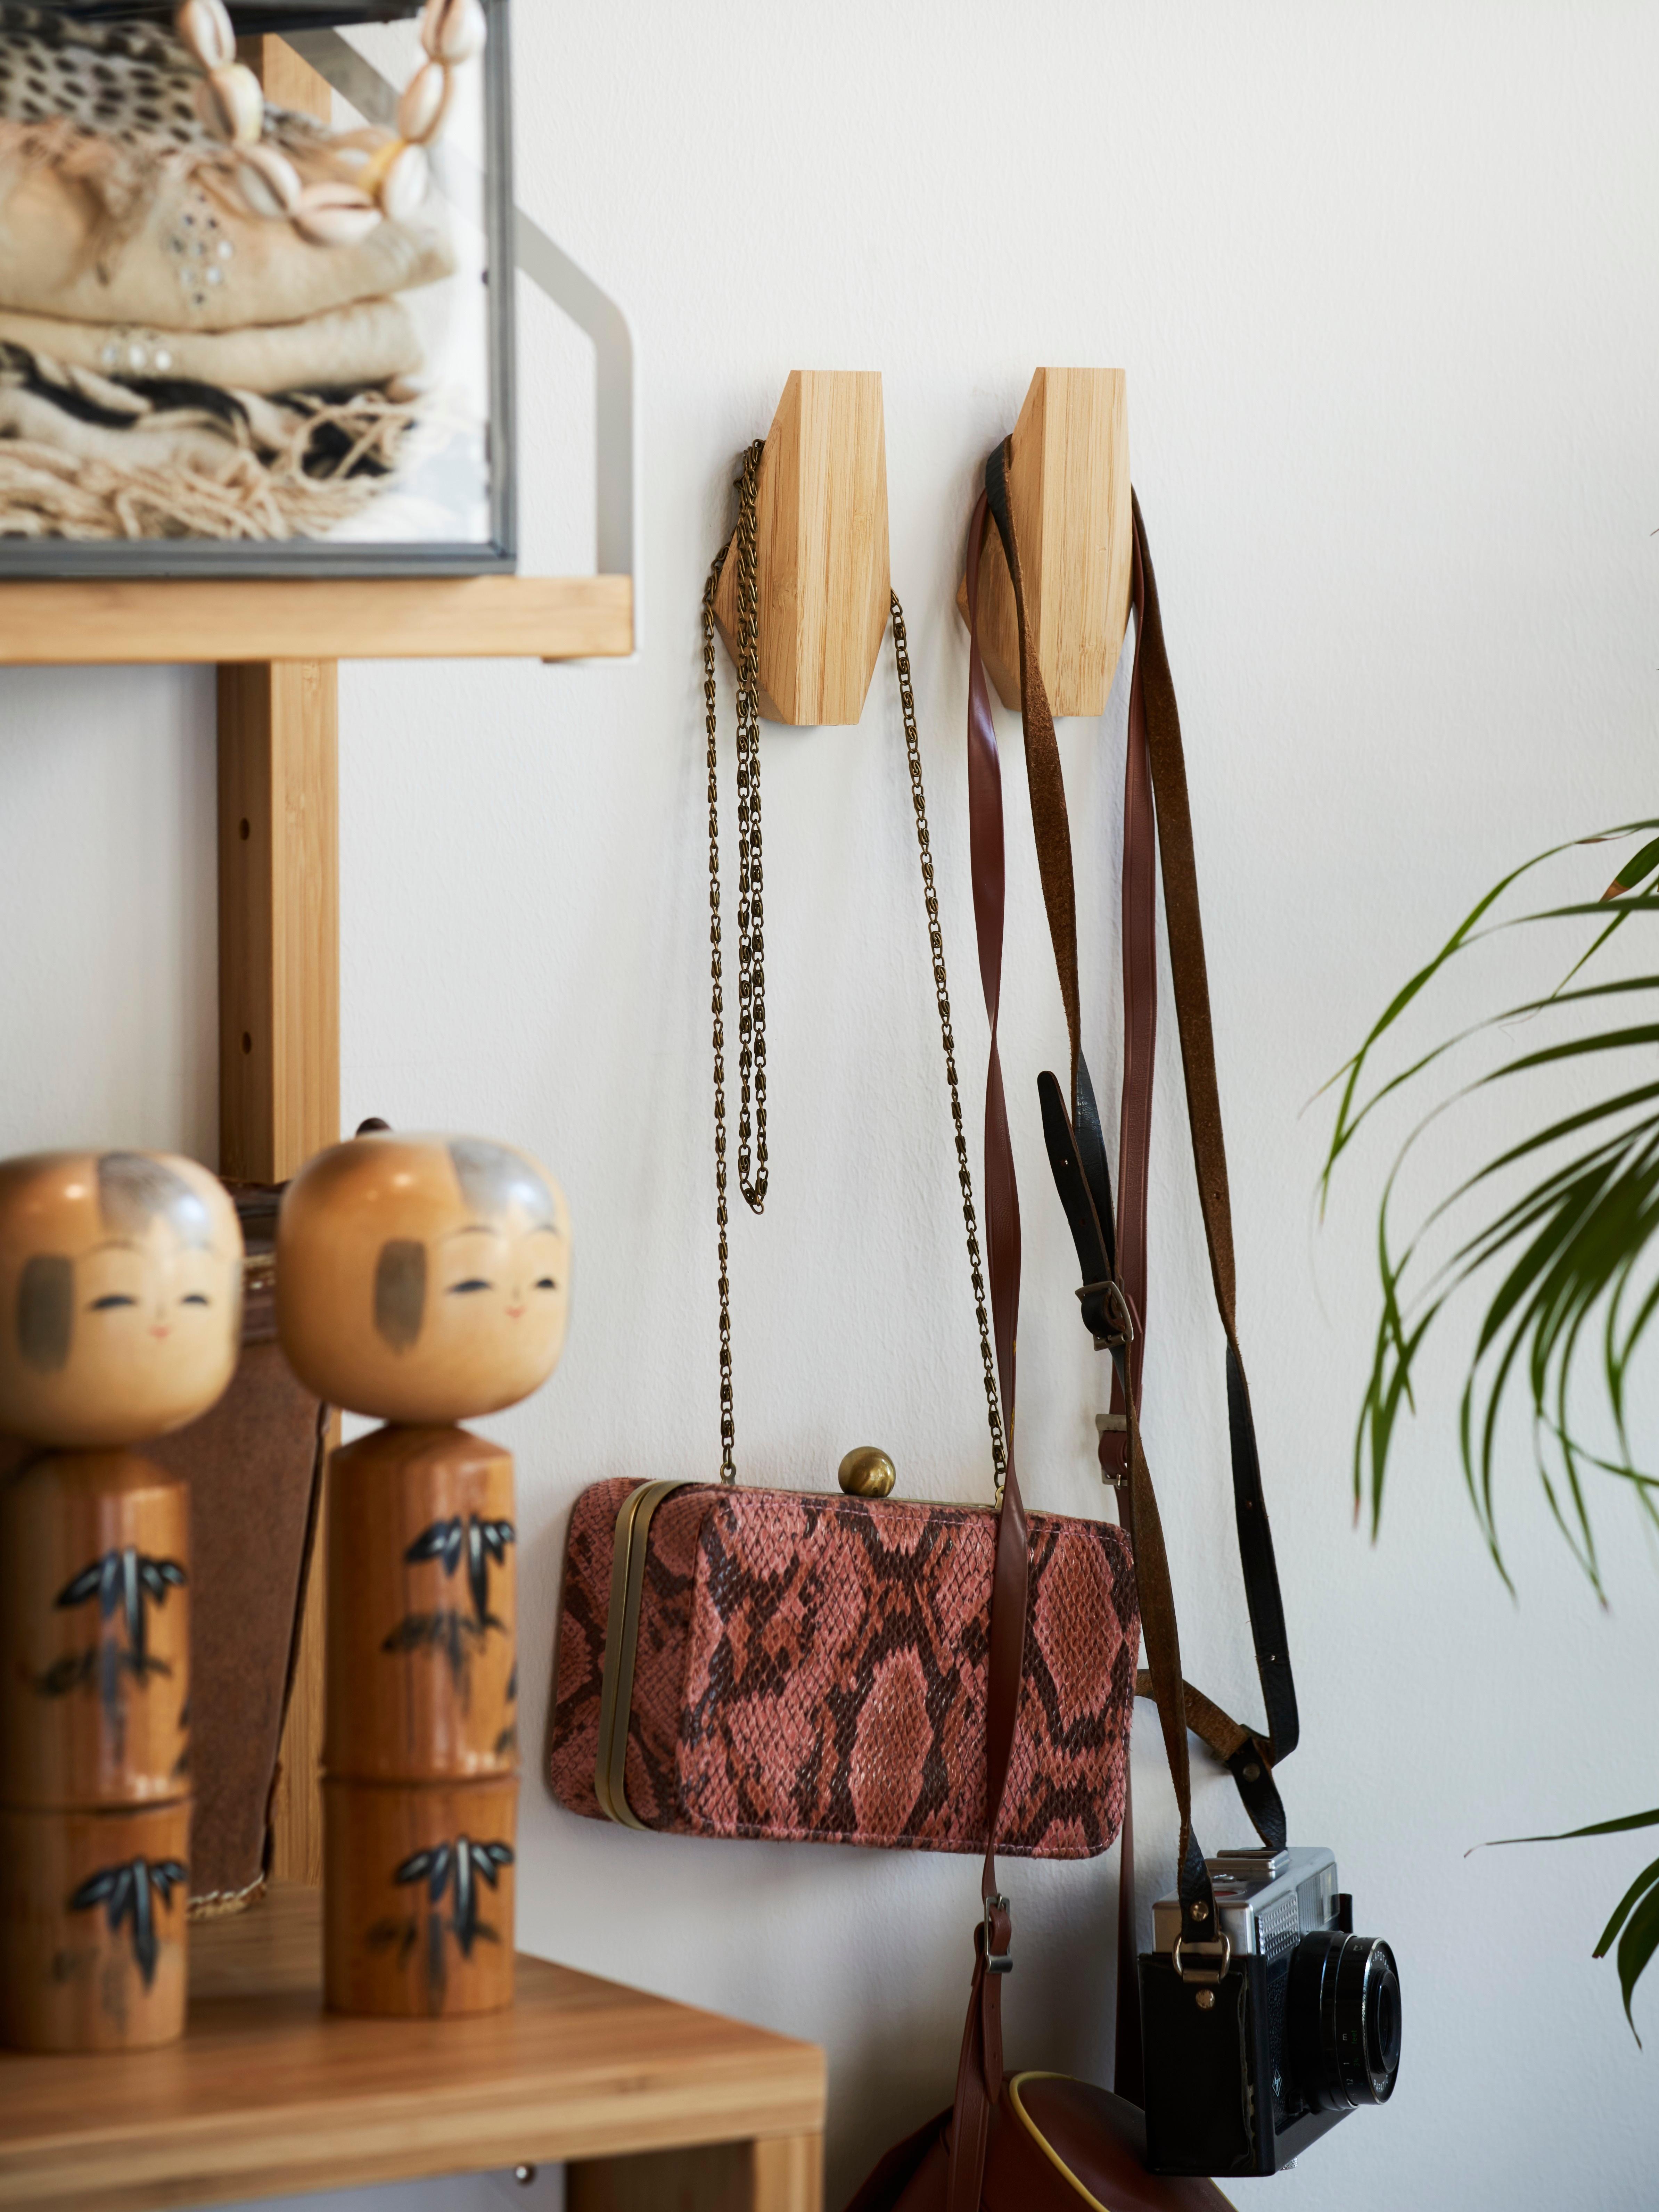 Deux crochets SKUGGIS en bambou, de style géométrique, portant un sac à main et un appareil photo sur un mur à côté d'une étagère en bambou.